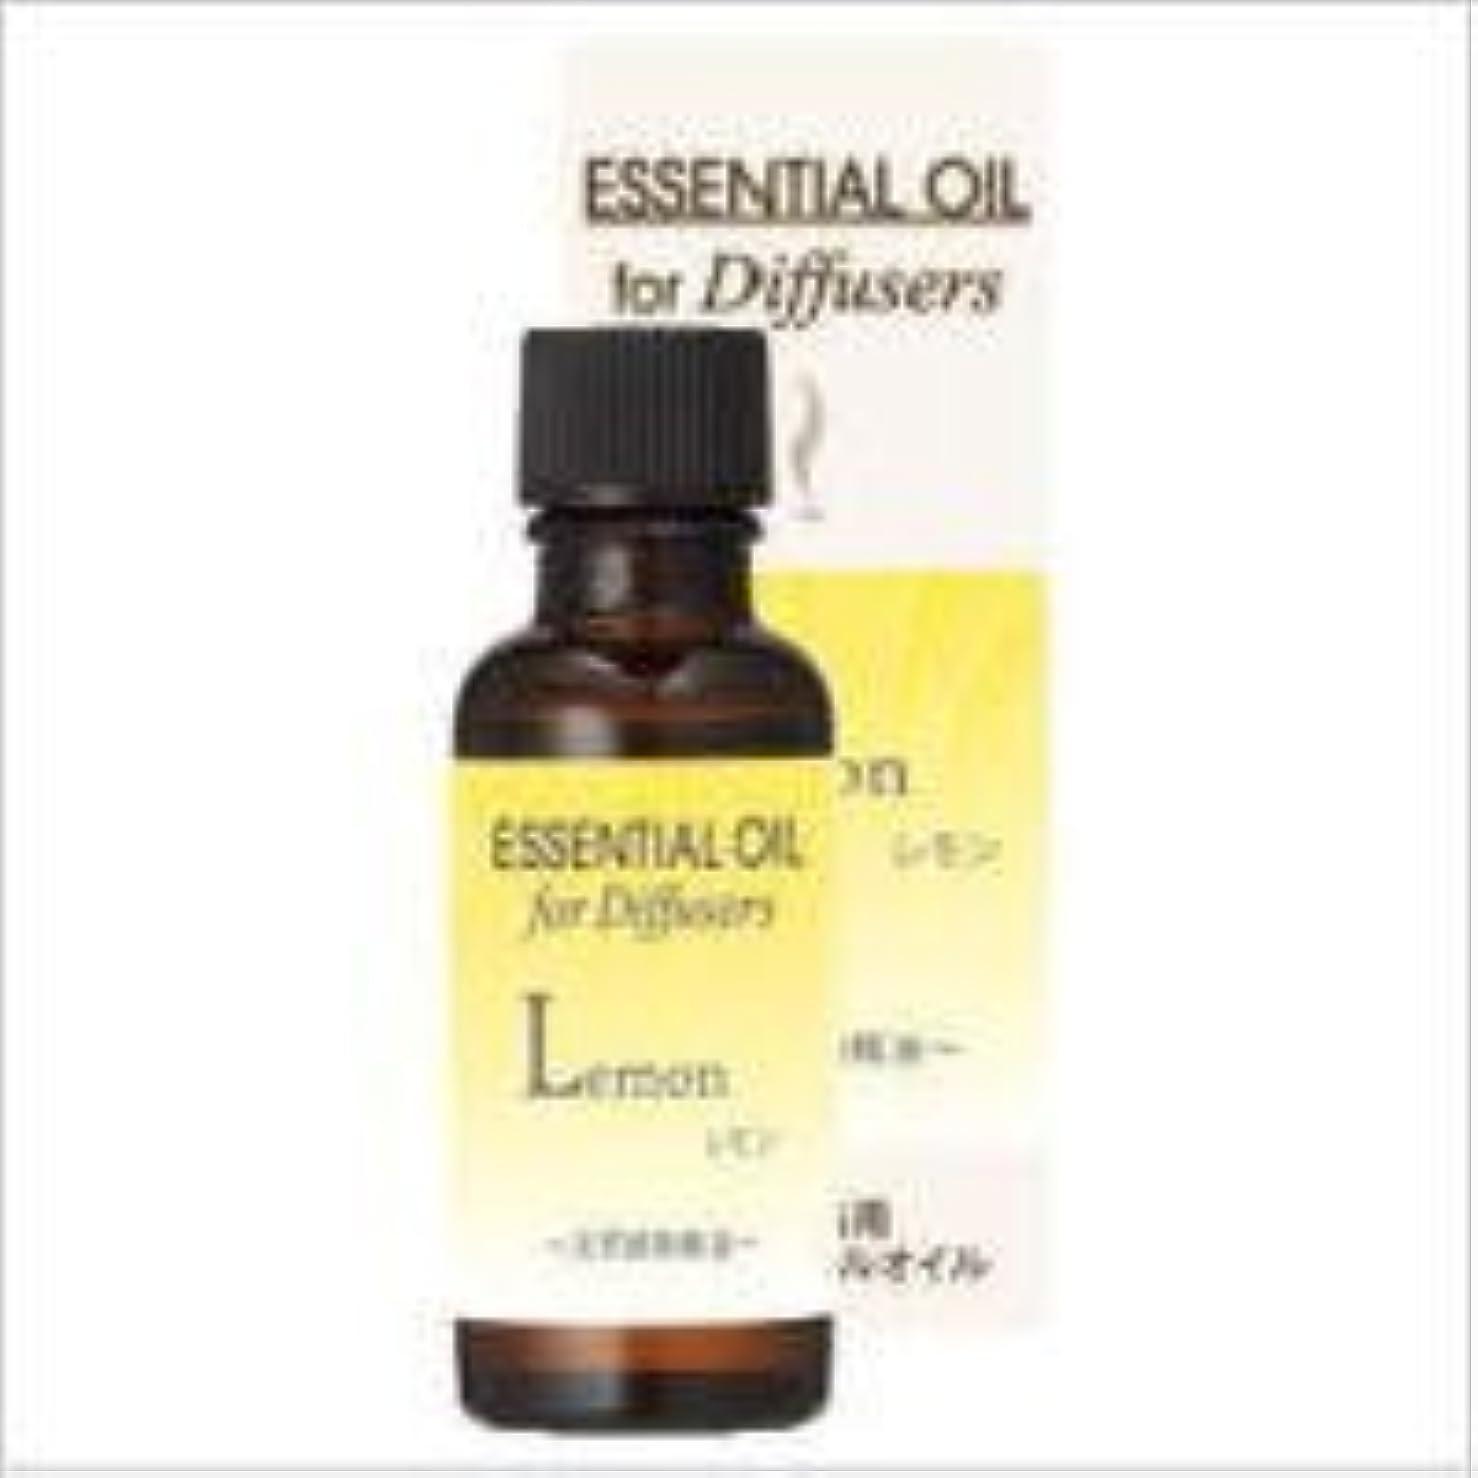 生活の木 芳香浴用エッセンシャルオイル レモン[30ml] エッセンシャルオイル/精油